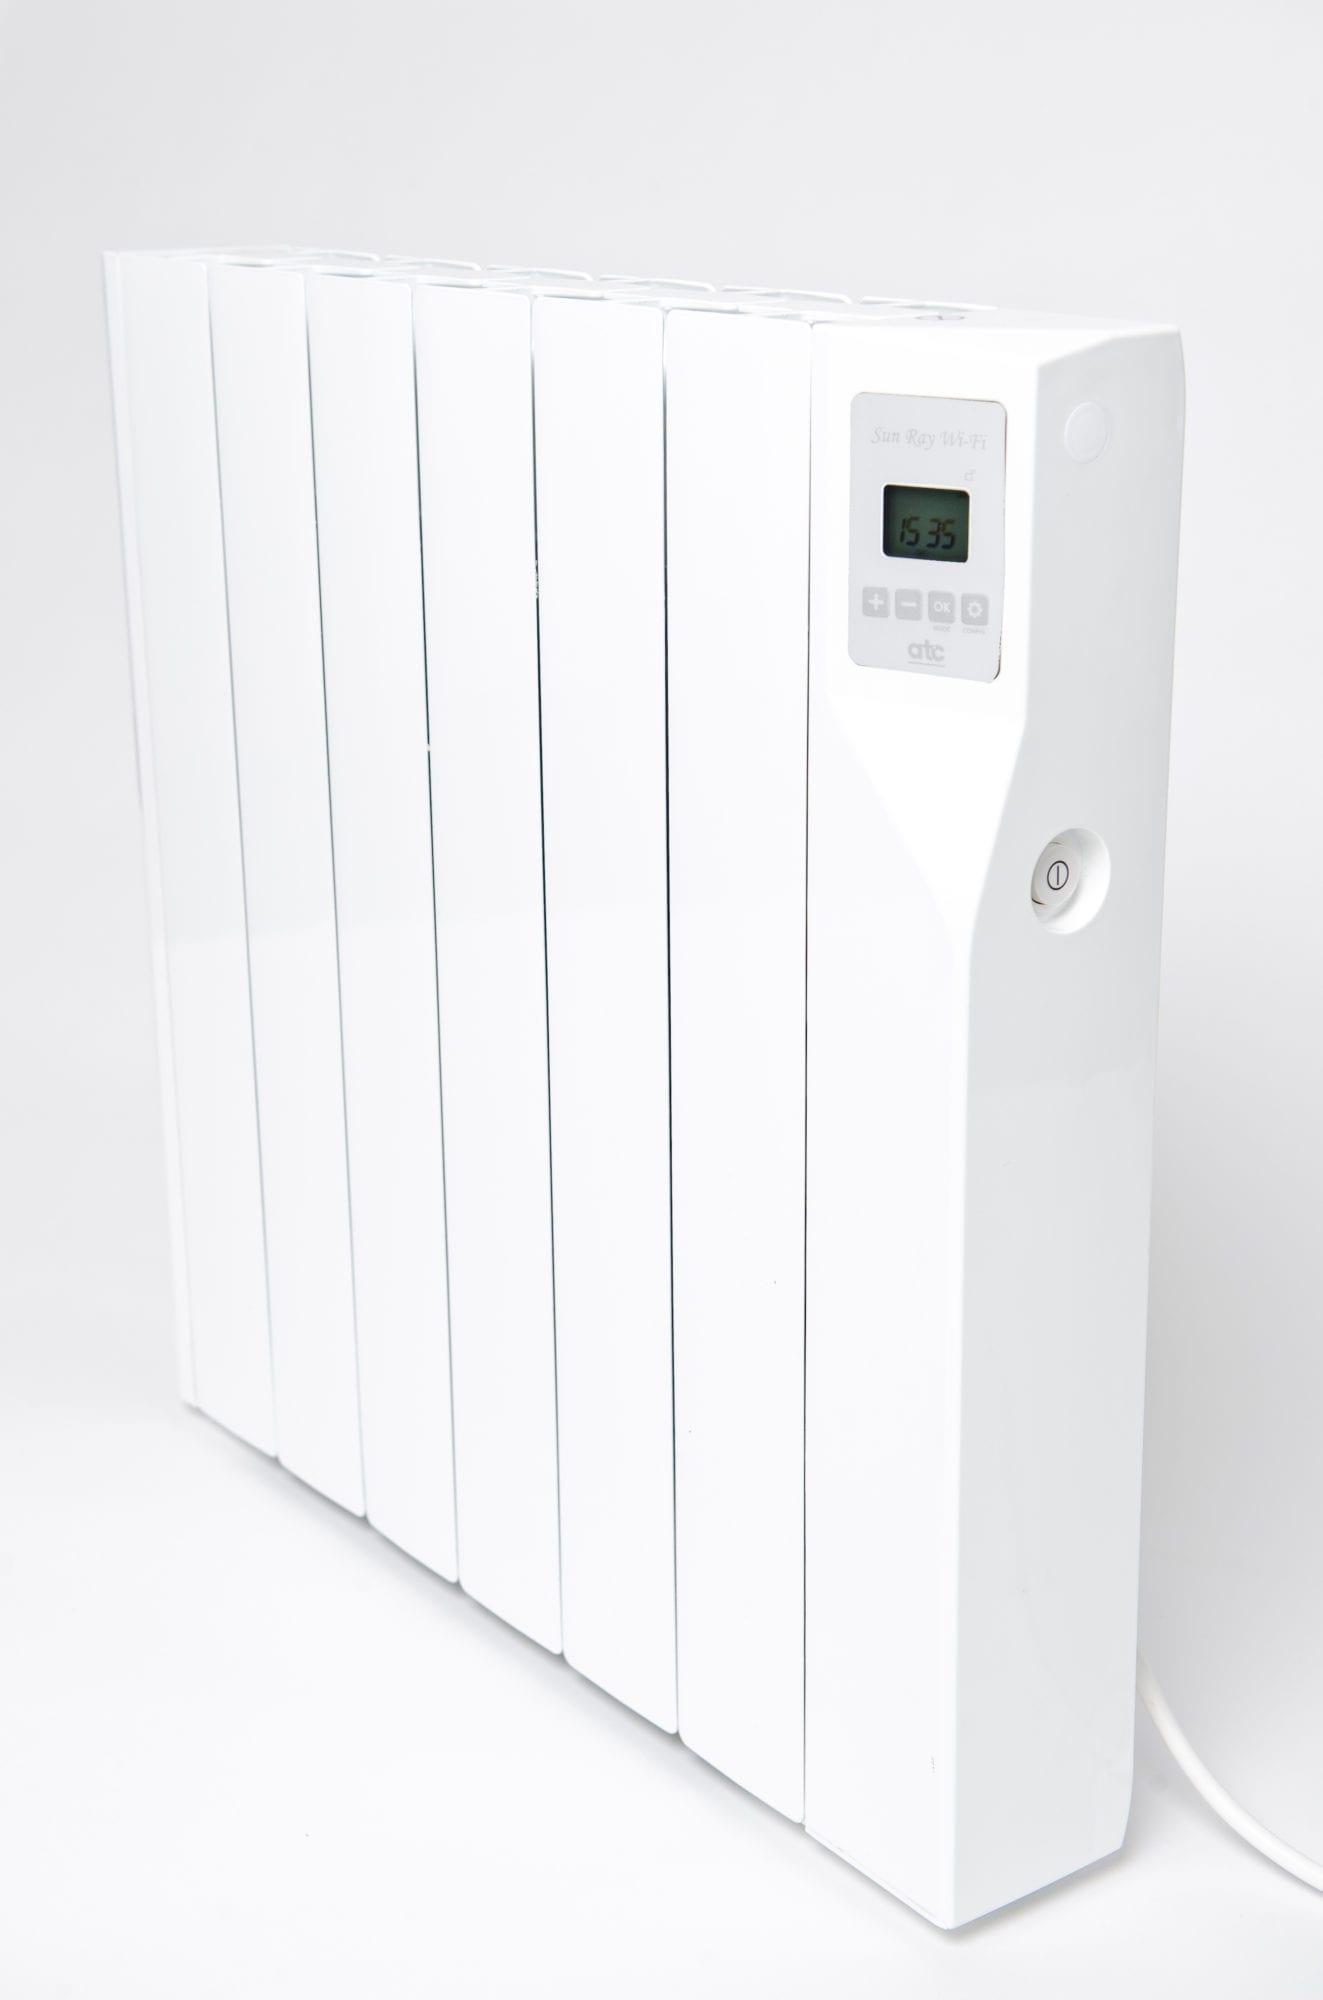 ATC Sun Ray Wi-fi Radiator